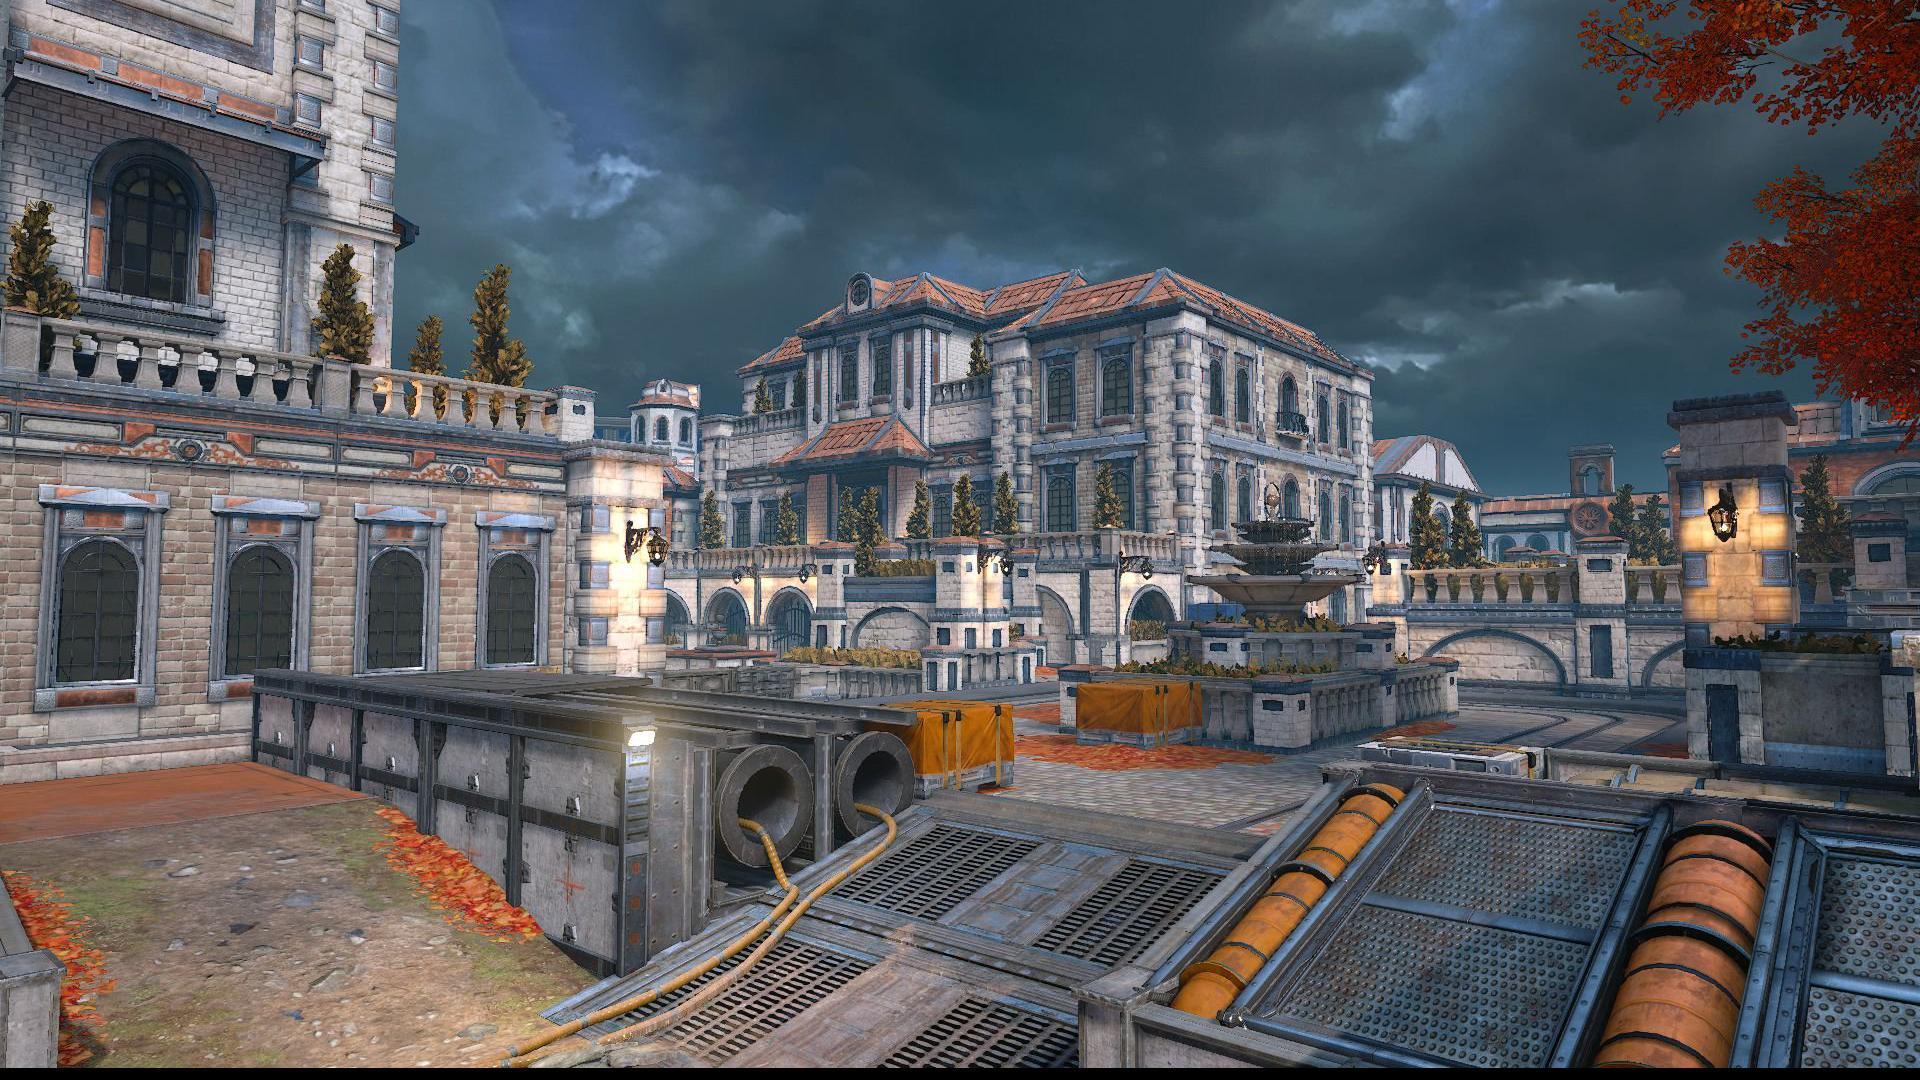 gears_of_war_4_screenshot_056b4b9e.jpeg - Gears of War 4